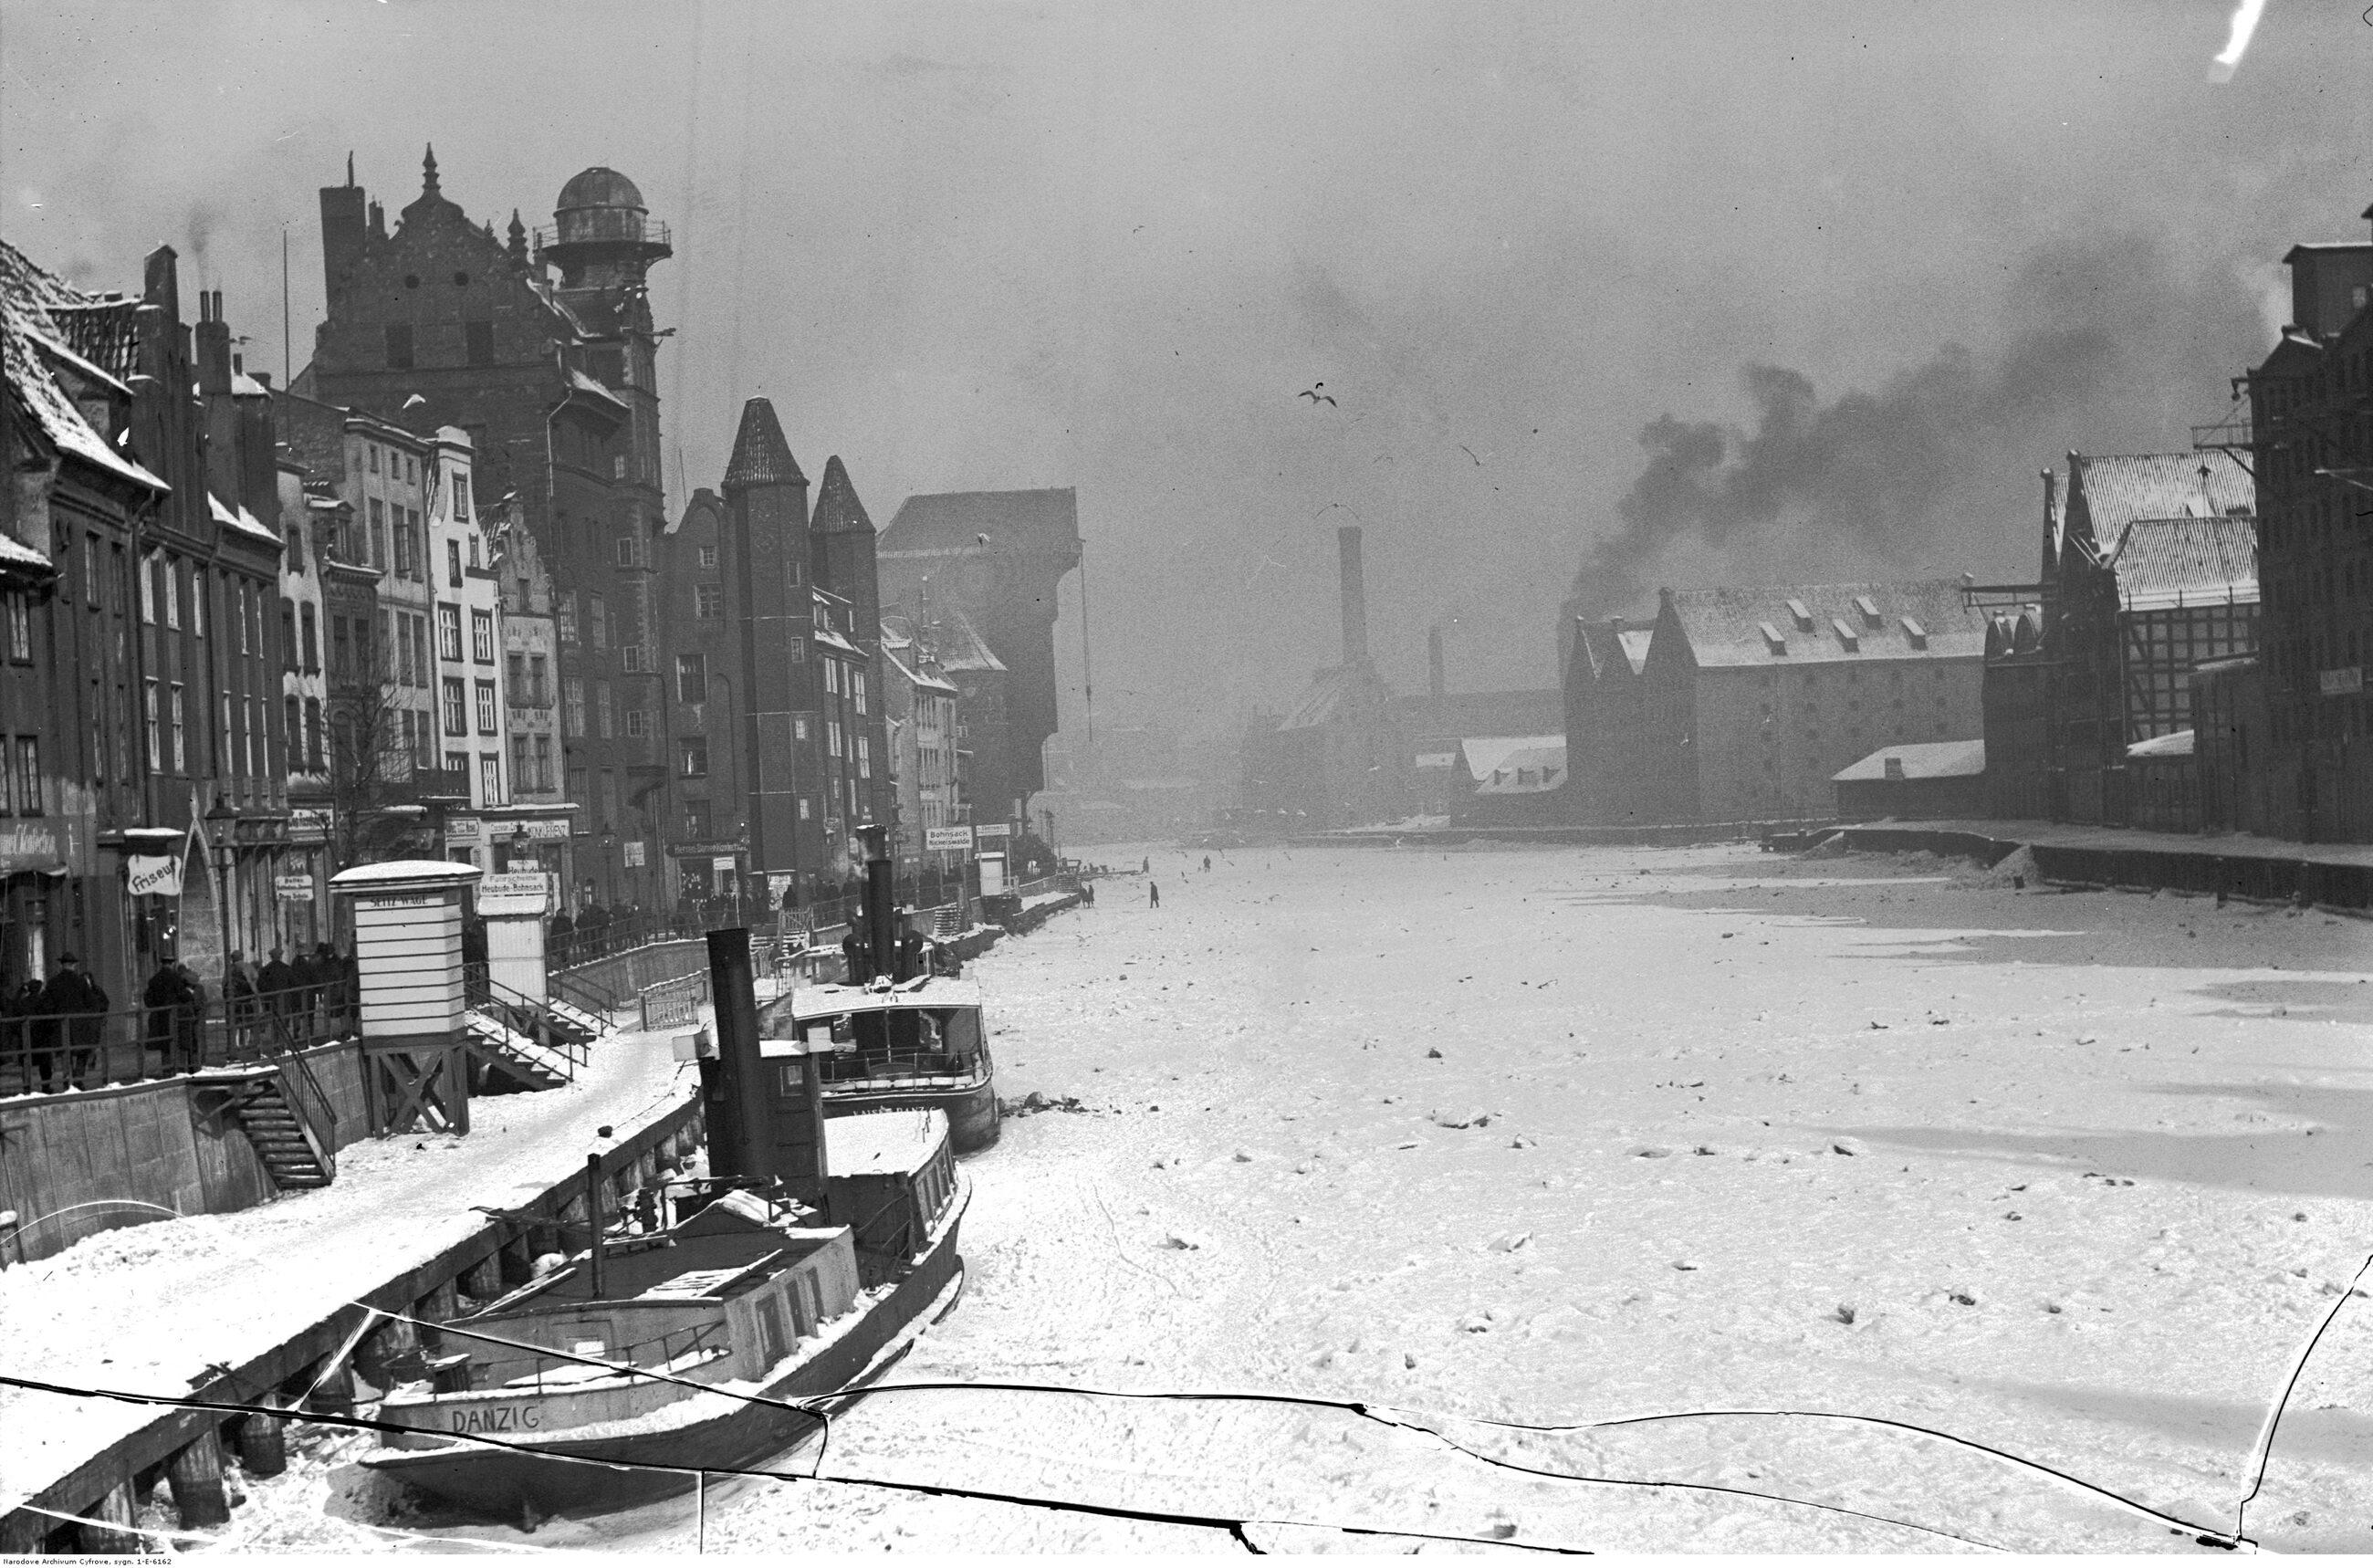 Gdańsk Zestawienie przygotowane w 1939 r. przez GUS nie obejmowało oczywiście Gdańska, który był wówczas wolnym miastem. W 1939 r. cały teren Wolnego Miasta Gdańska zamieszkiwało 388 tys. ludzi, w tym 250 tys. sam obszar miejski. To dawałoby Gdańskowi szóste miejsce pod względem wielkości w II RP. Obecnie Gdańsk liczy 464 tys. mieszkańców.